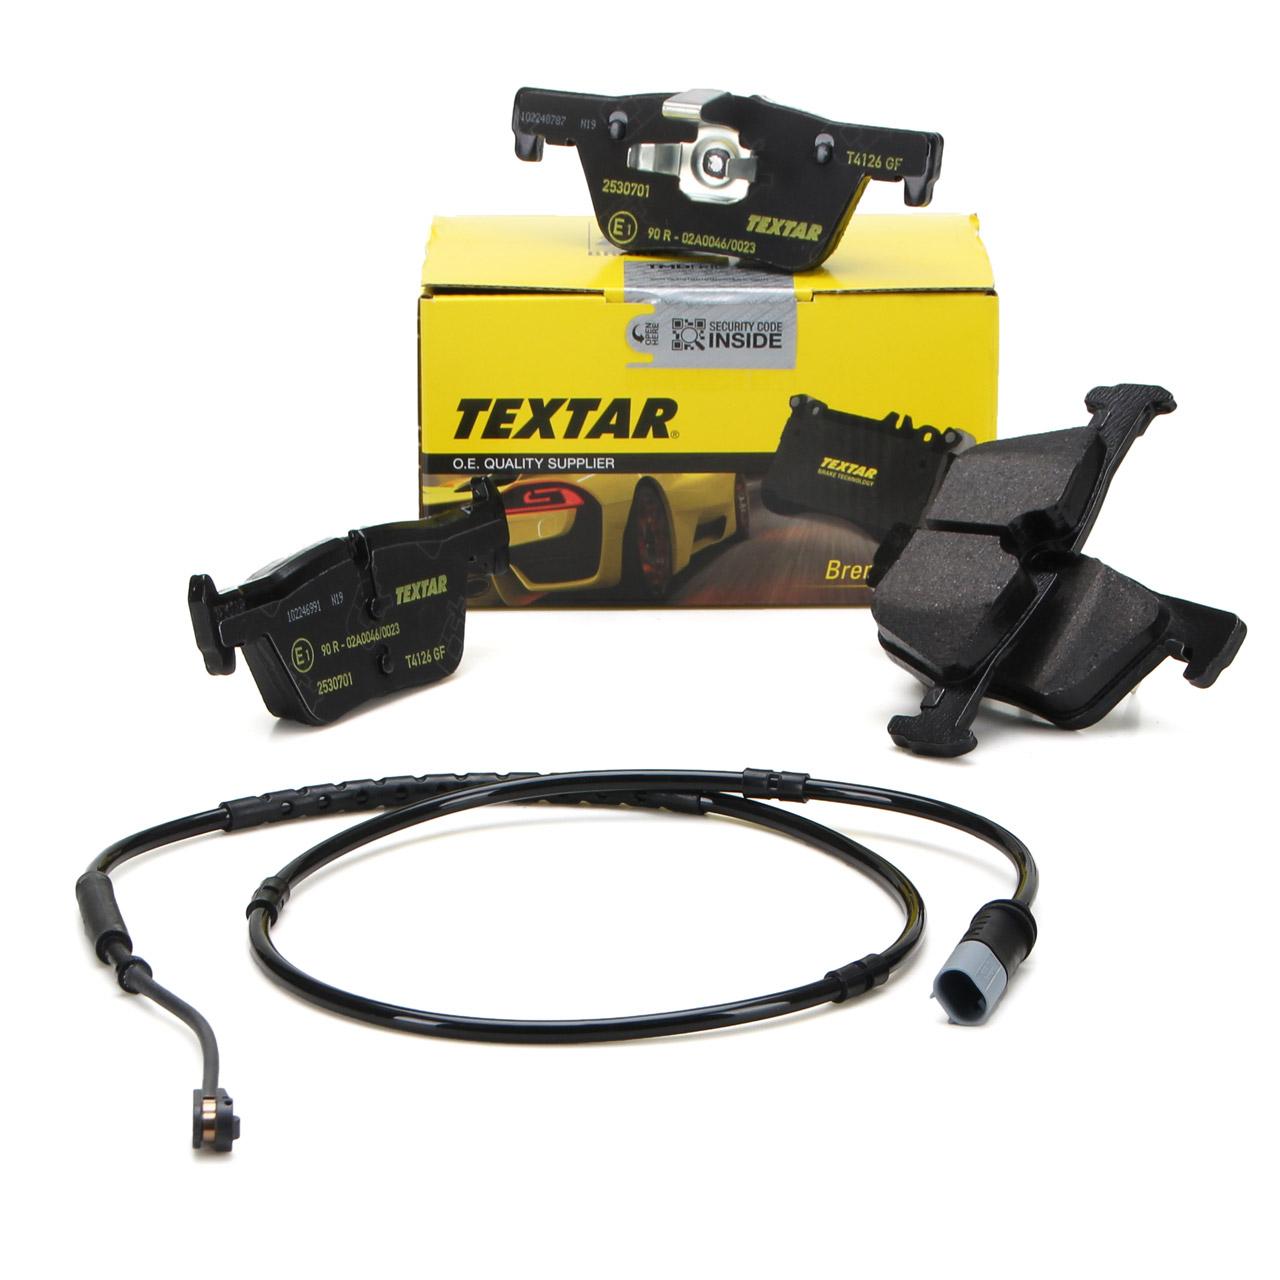 TEXTAR 2530701 Bremsbeläge + Wako BMW 1er F20 F21 2er F22 F23 3er F30-34 4er F32-36 hinten